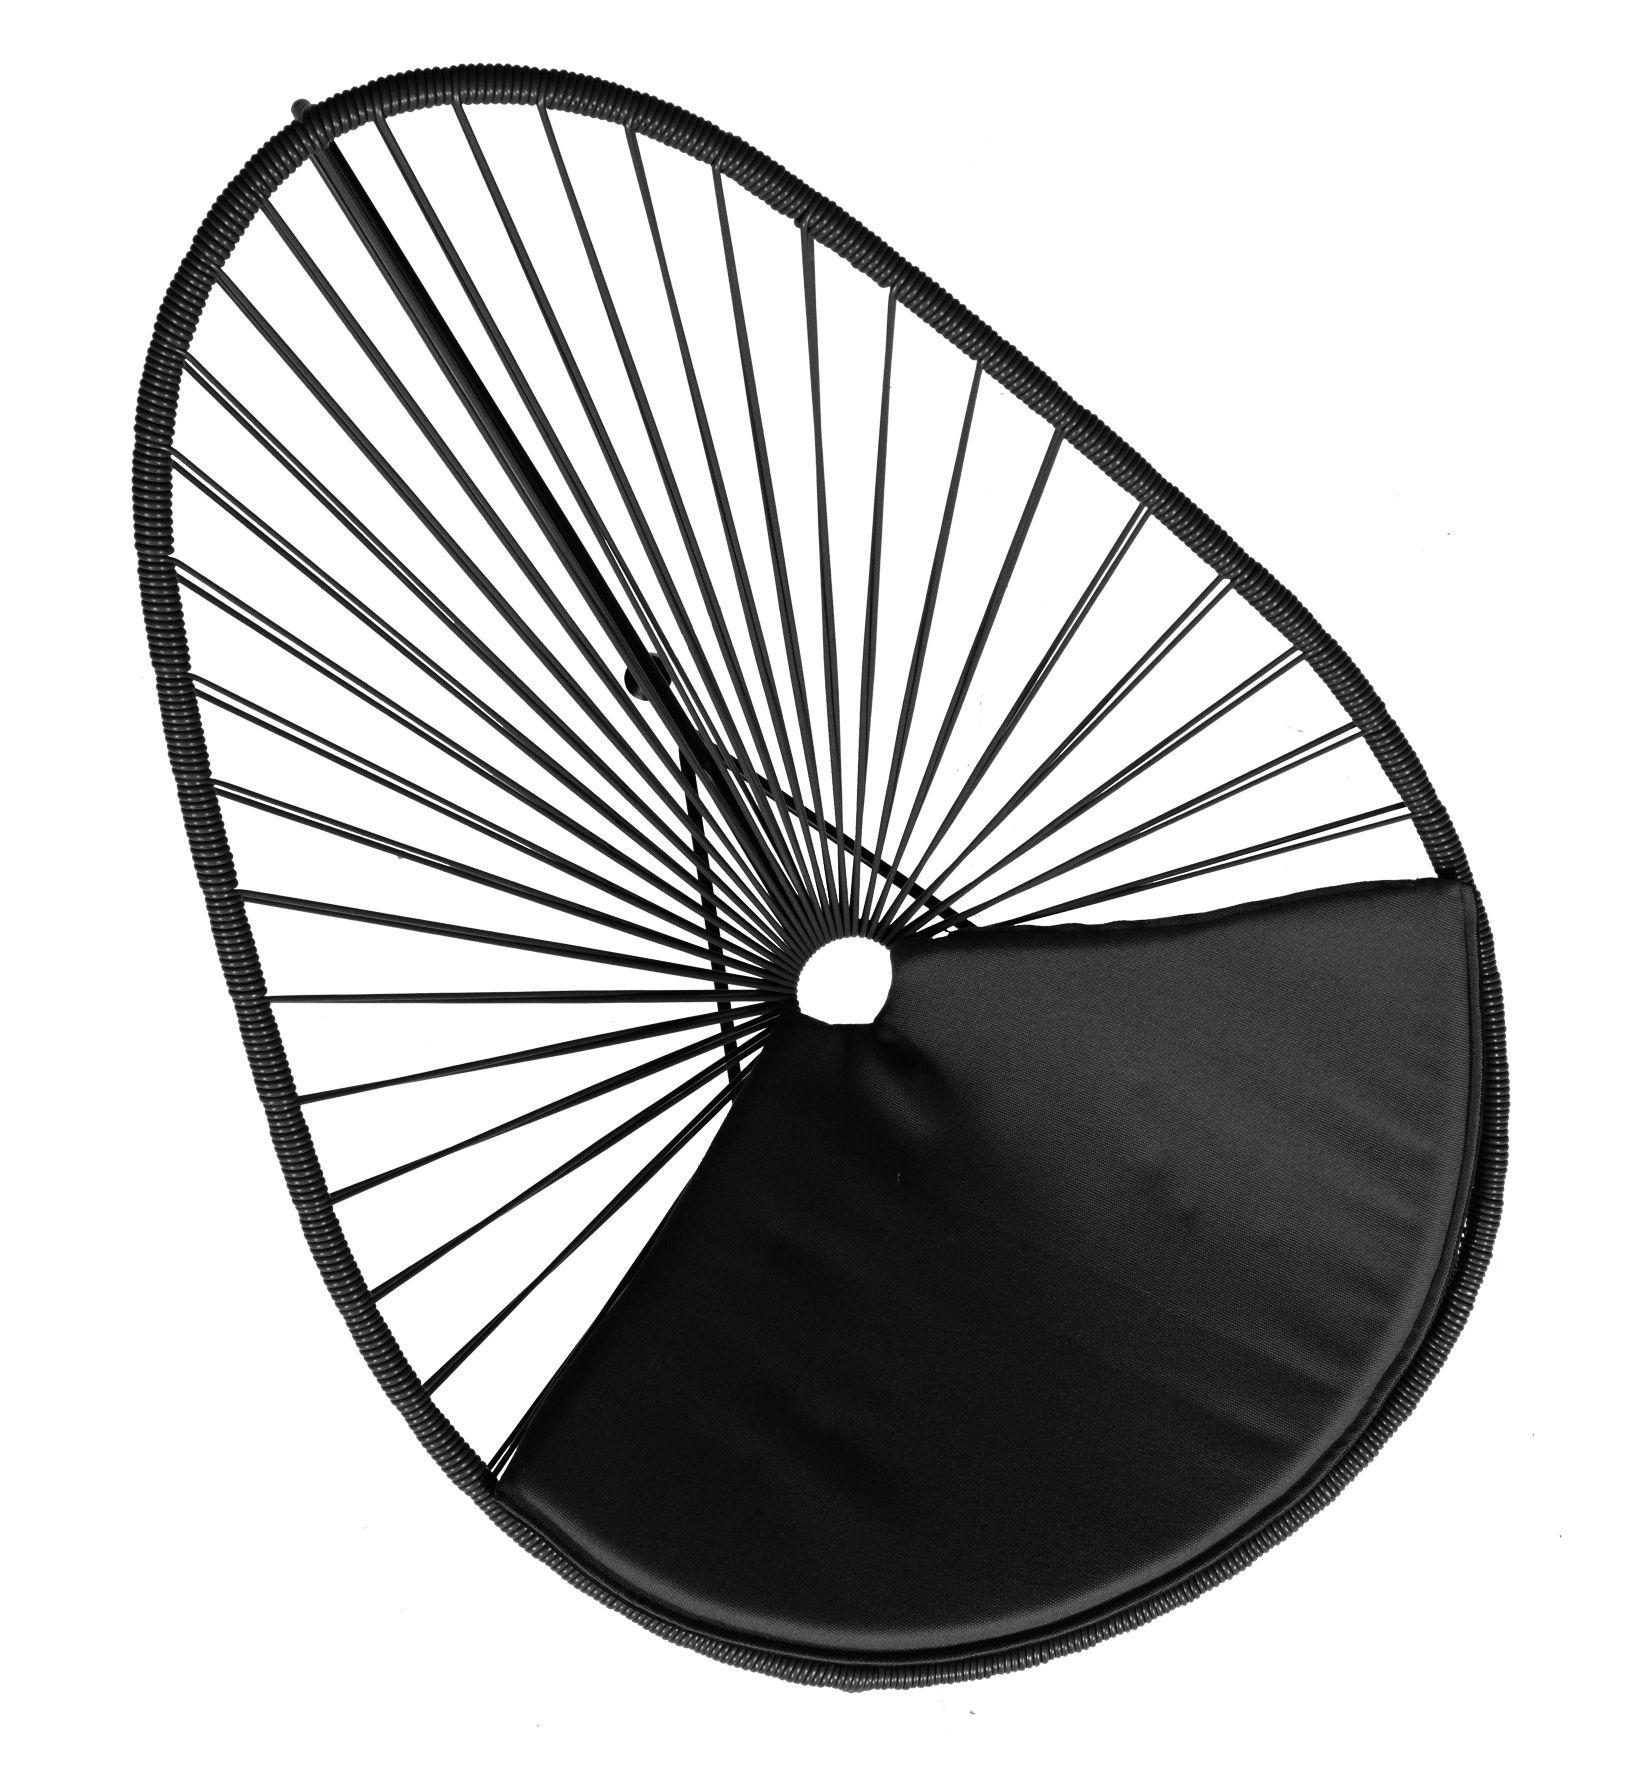 Déco - Coussins - Coussin d'assise / Pour fauteuils Acapulco & Condesa - OK Design pour Sentou Edition - Noir - Tissu polyester